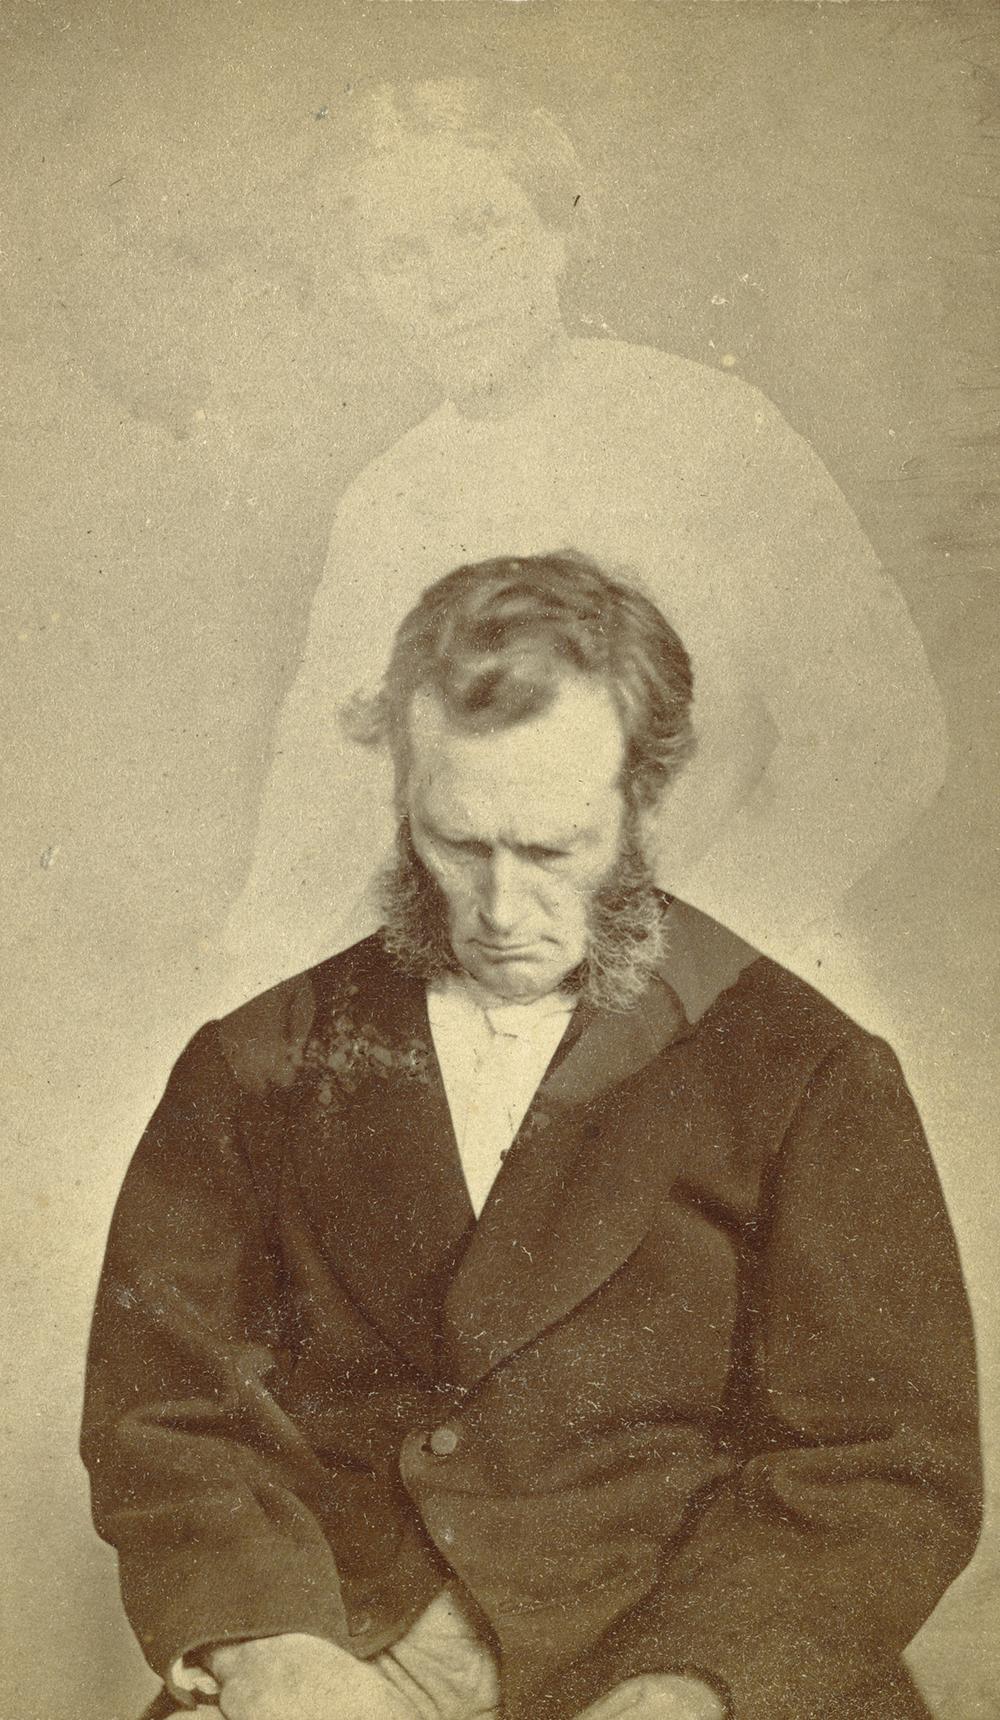 Bronson Murray, by William H. Mumler, c. 1862.